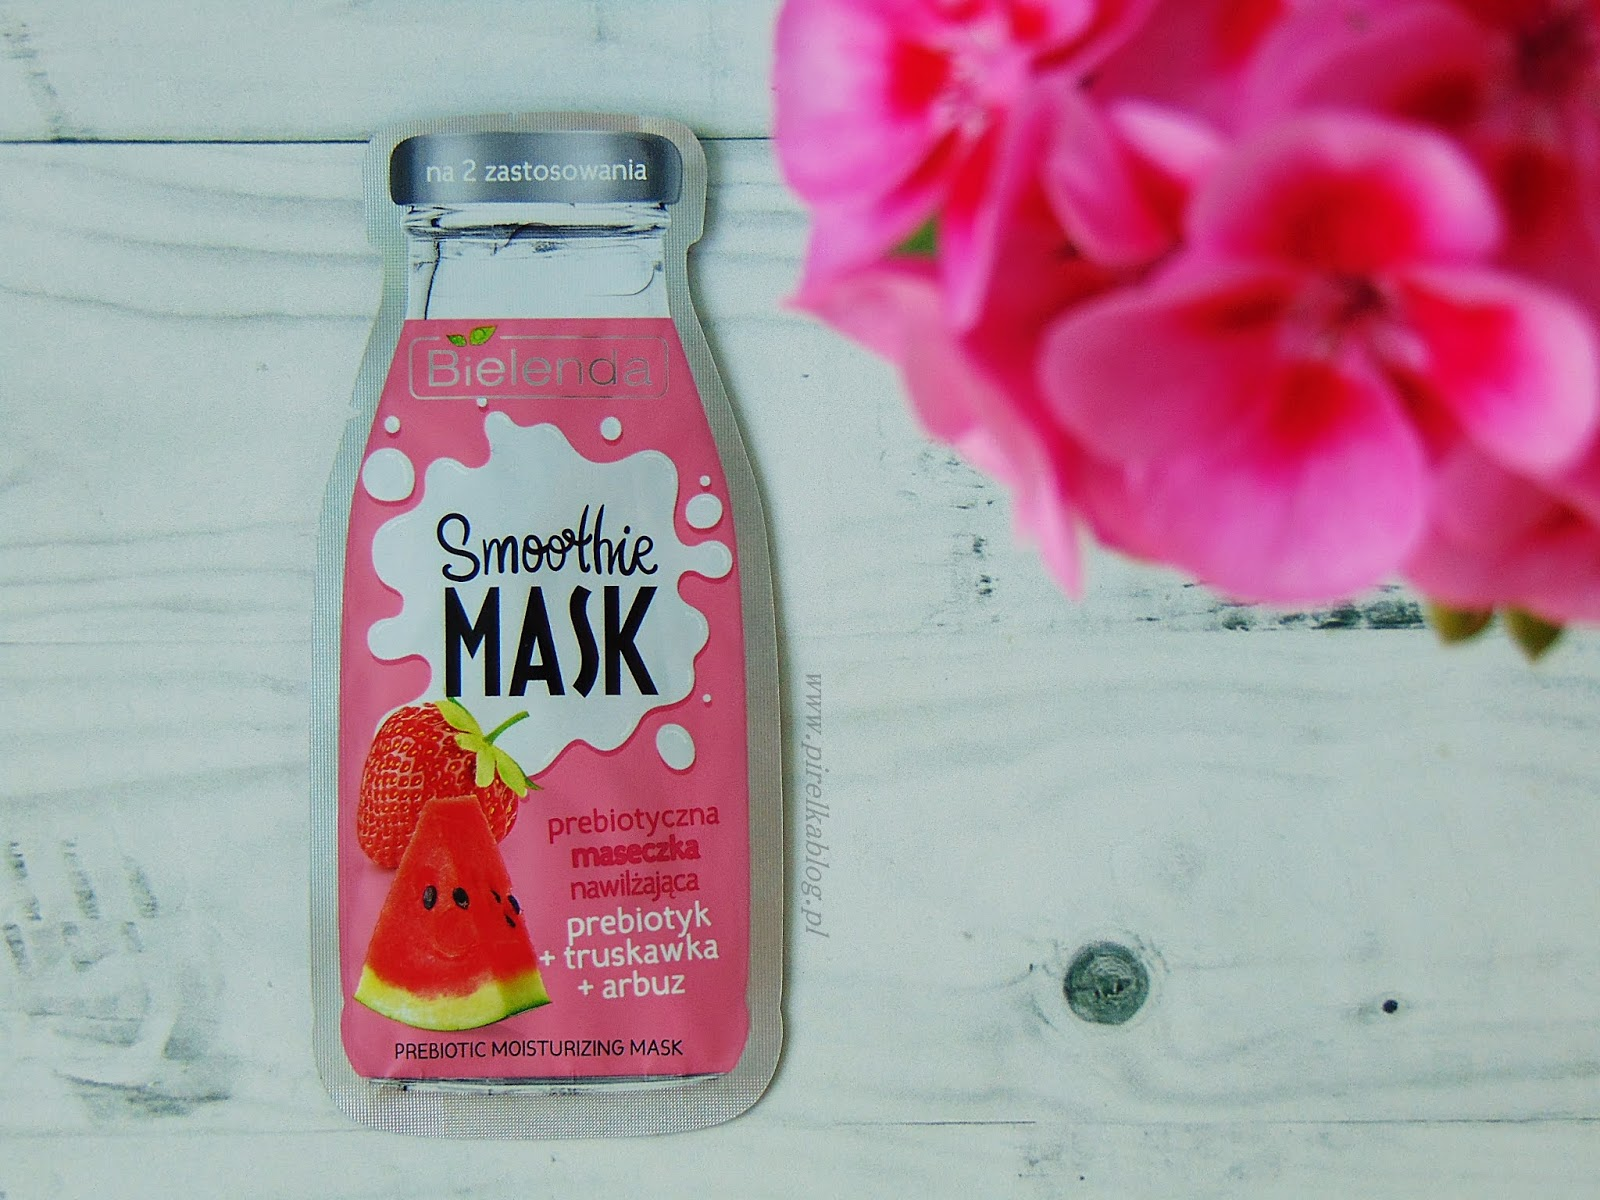 Smoothie Mask, Bielenda - prebiotyczne maseczki do twarz